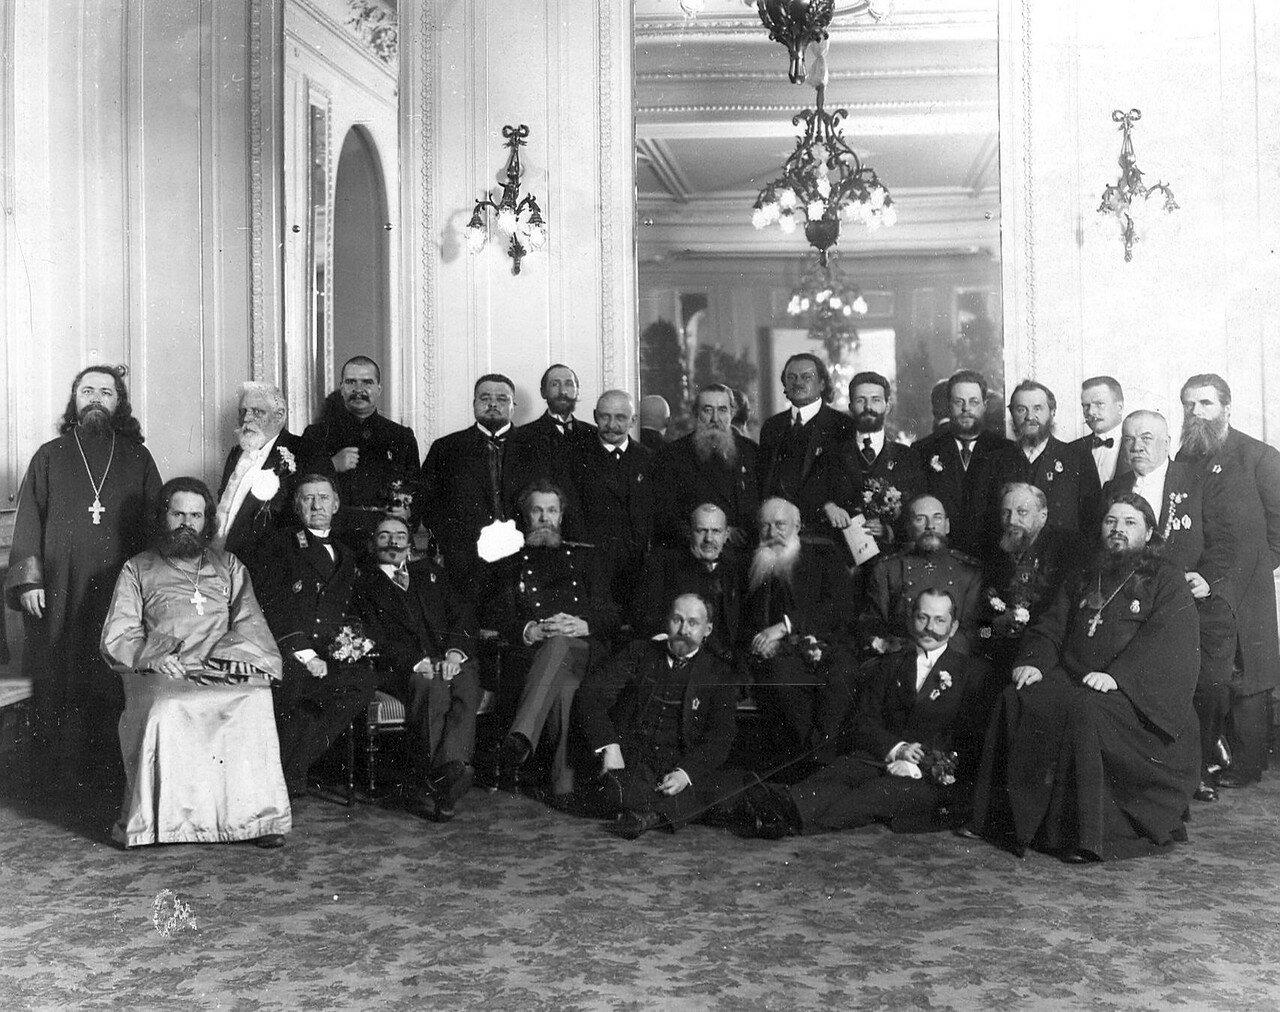 Группа депутатов Четвертой Государственной думы на торжествах, посвященных 300-летию Дома Романовых. 1913